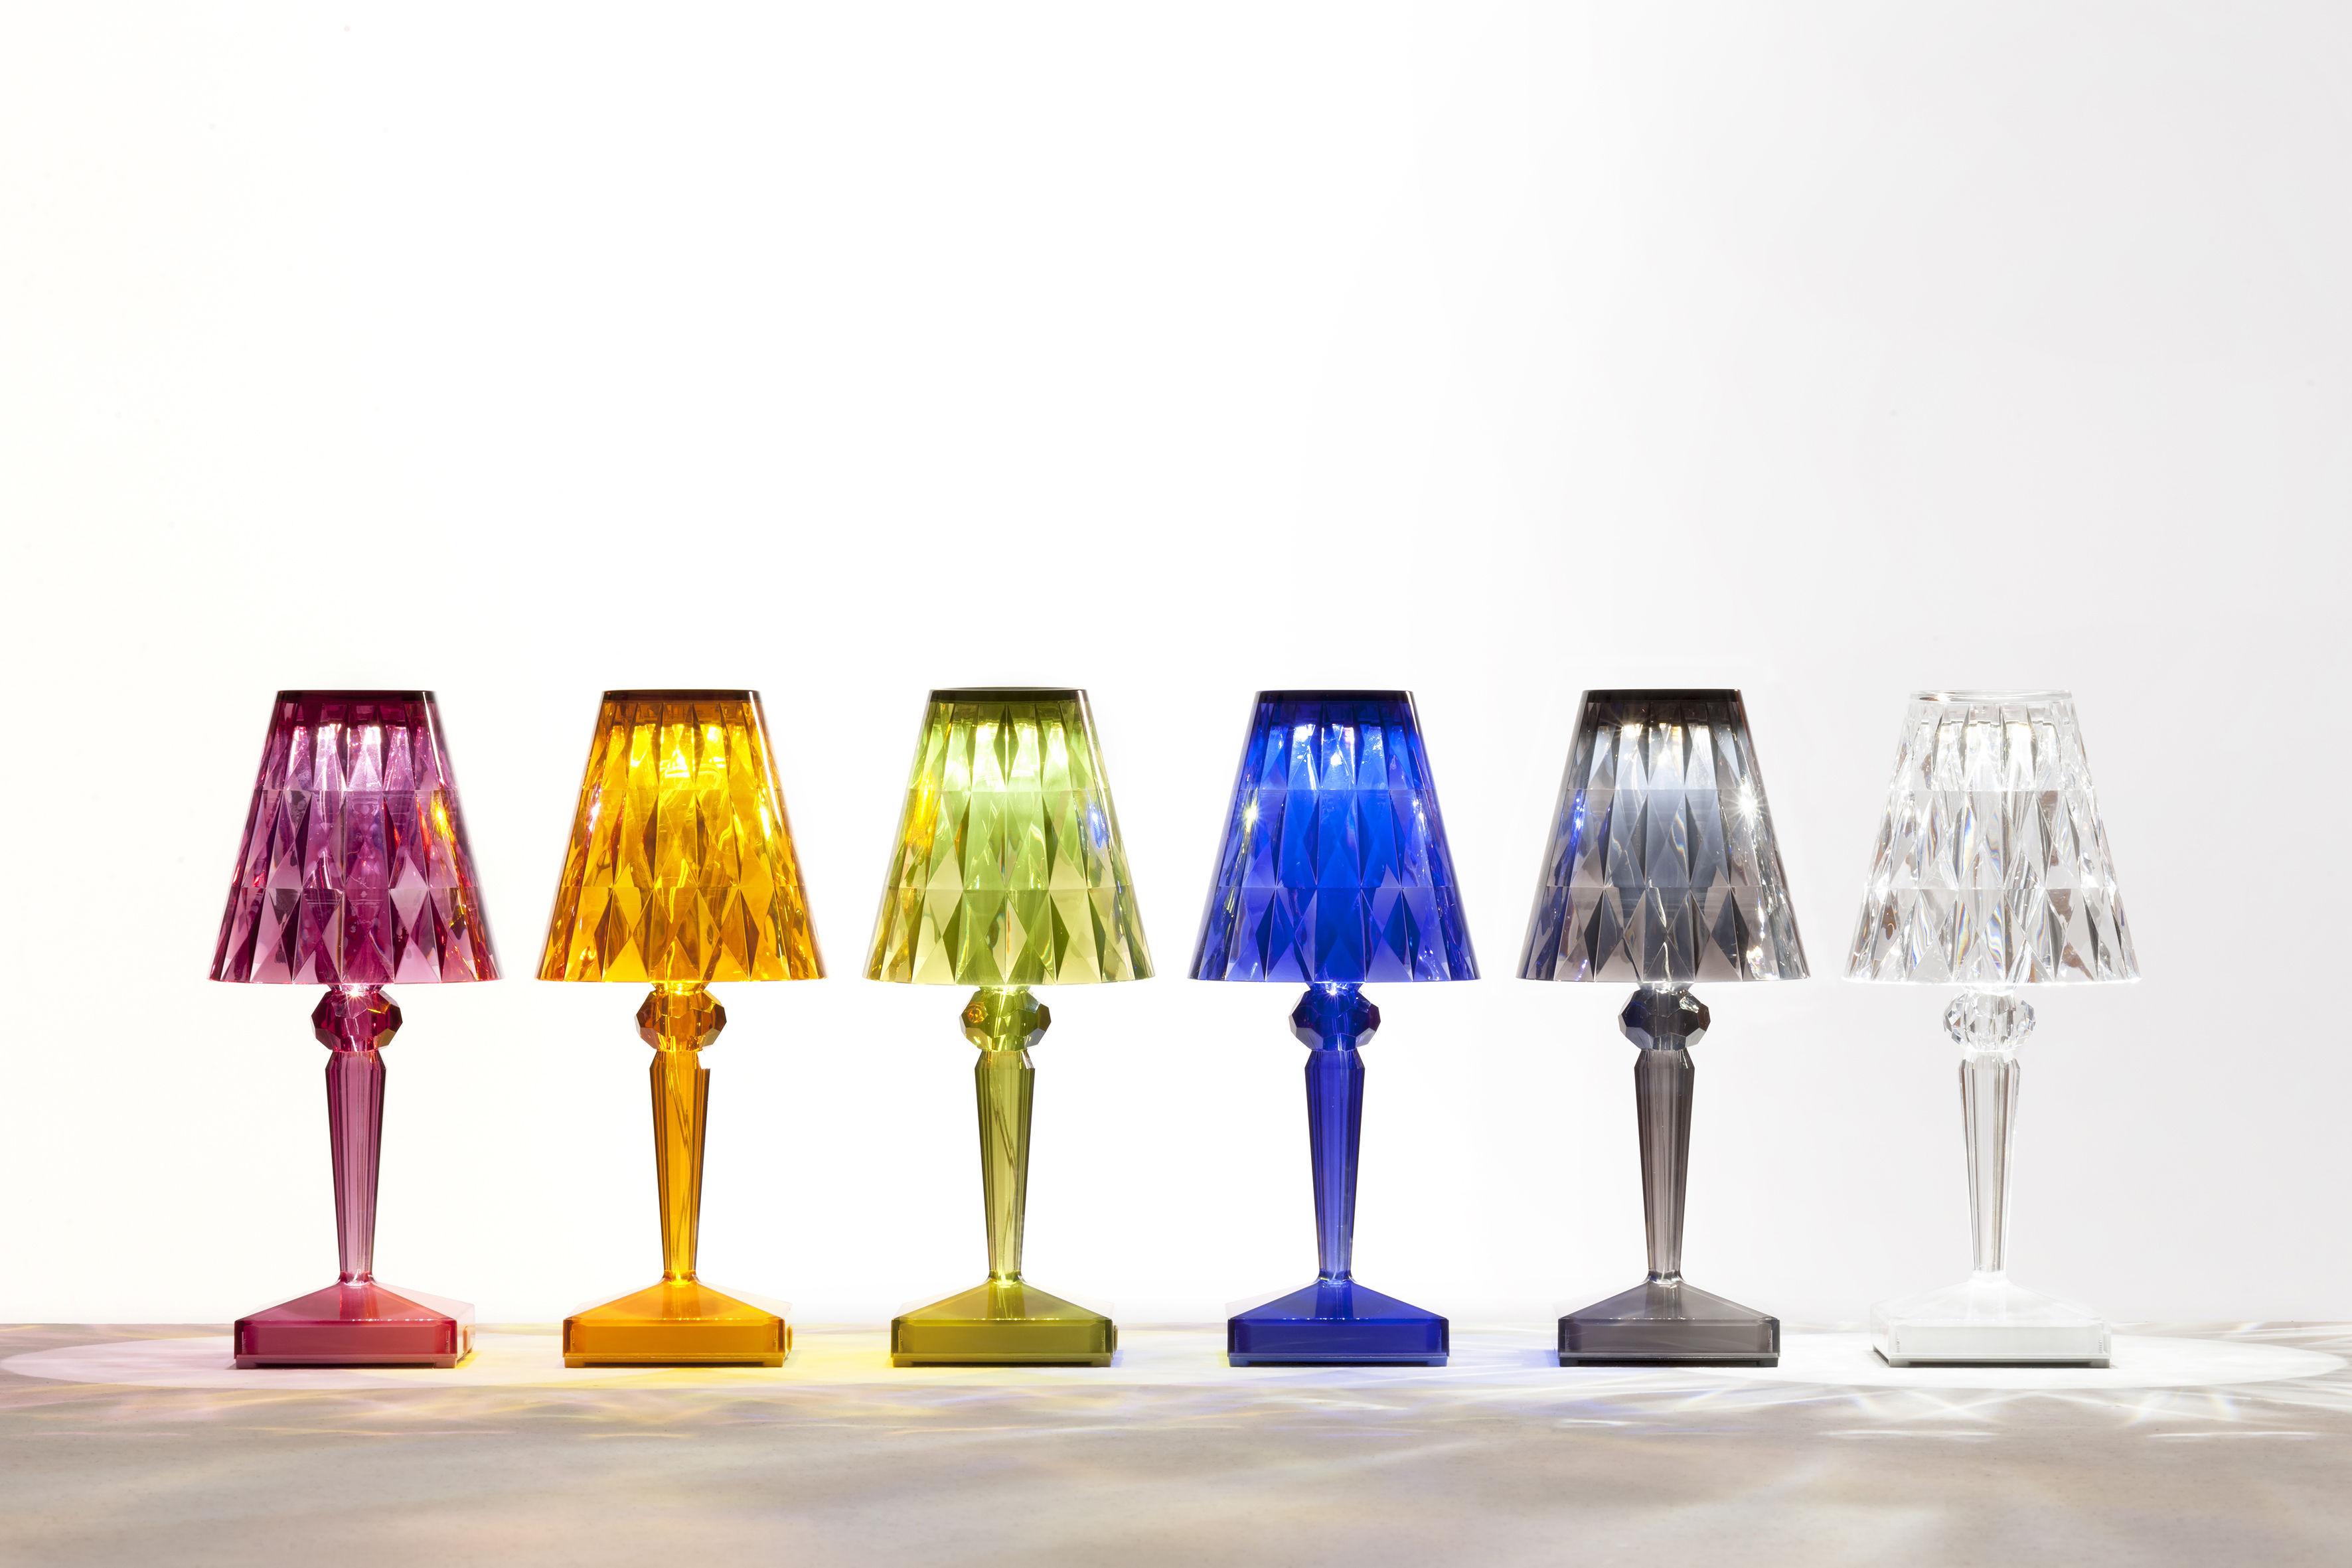 Battery LED  kabellos  mit USBLadeoption  Kartell  -> Led Lampe Ohne Kabel